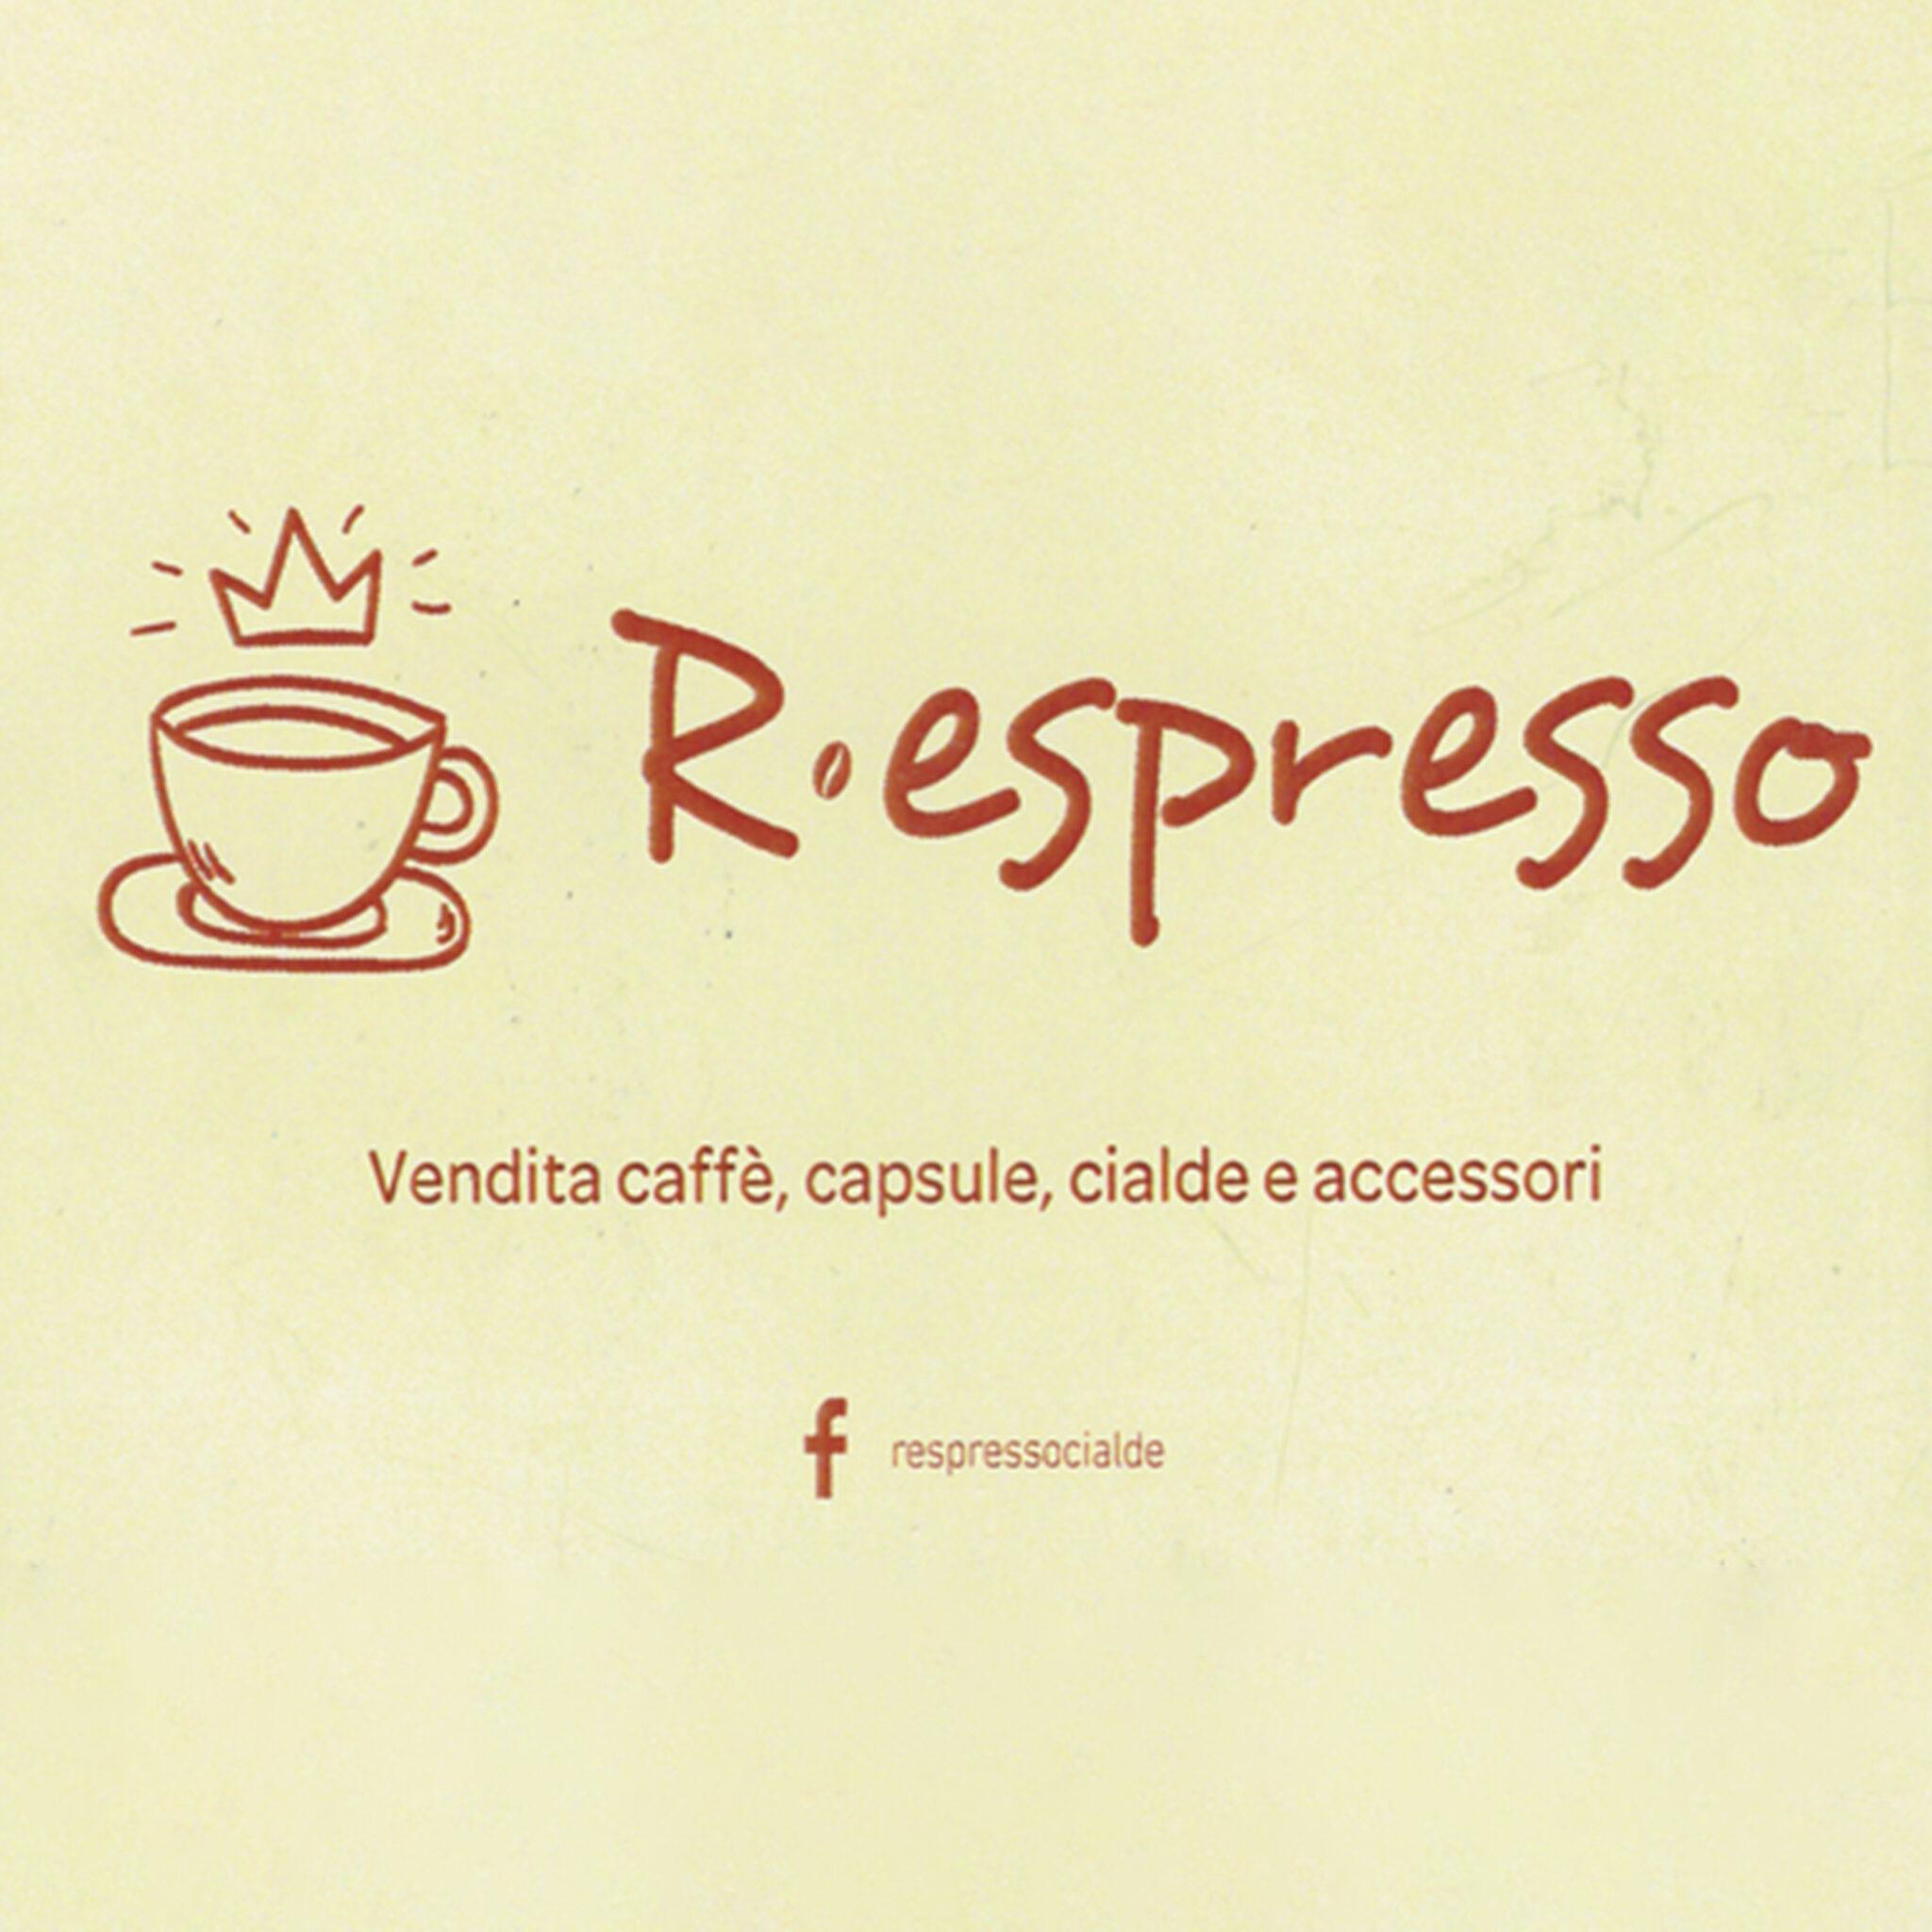 R-espresso